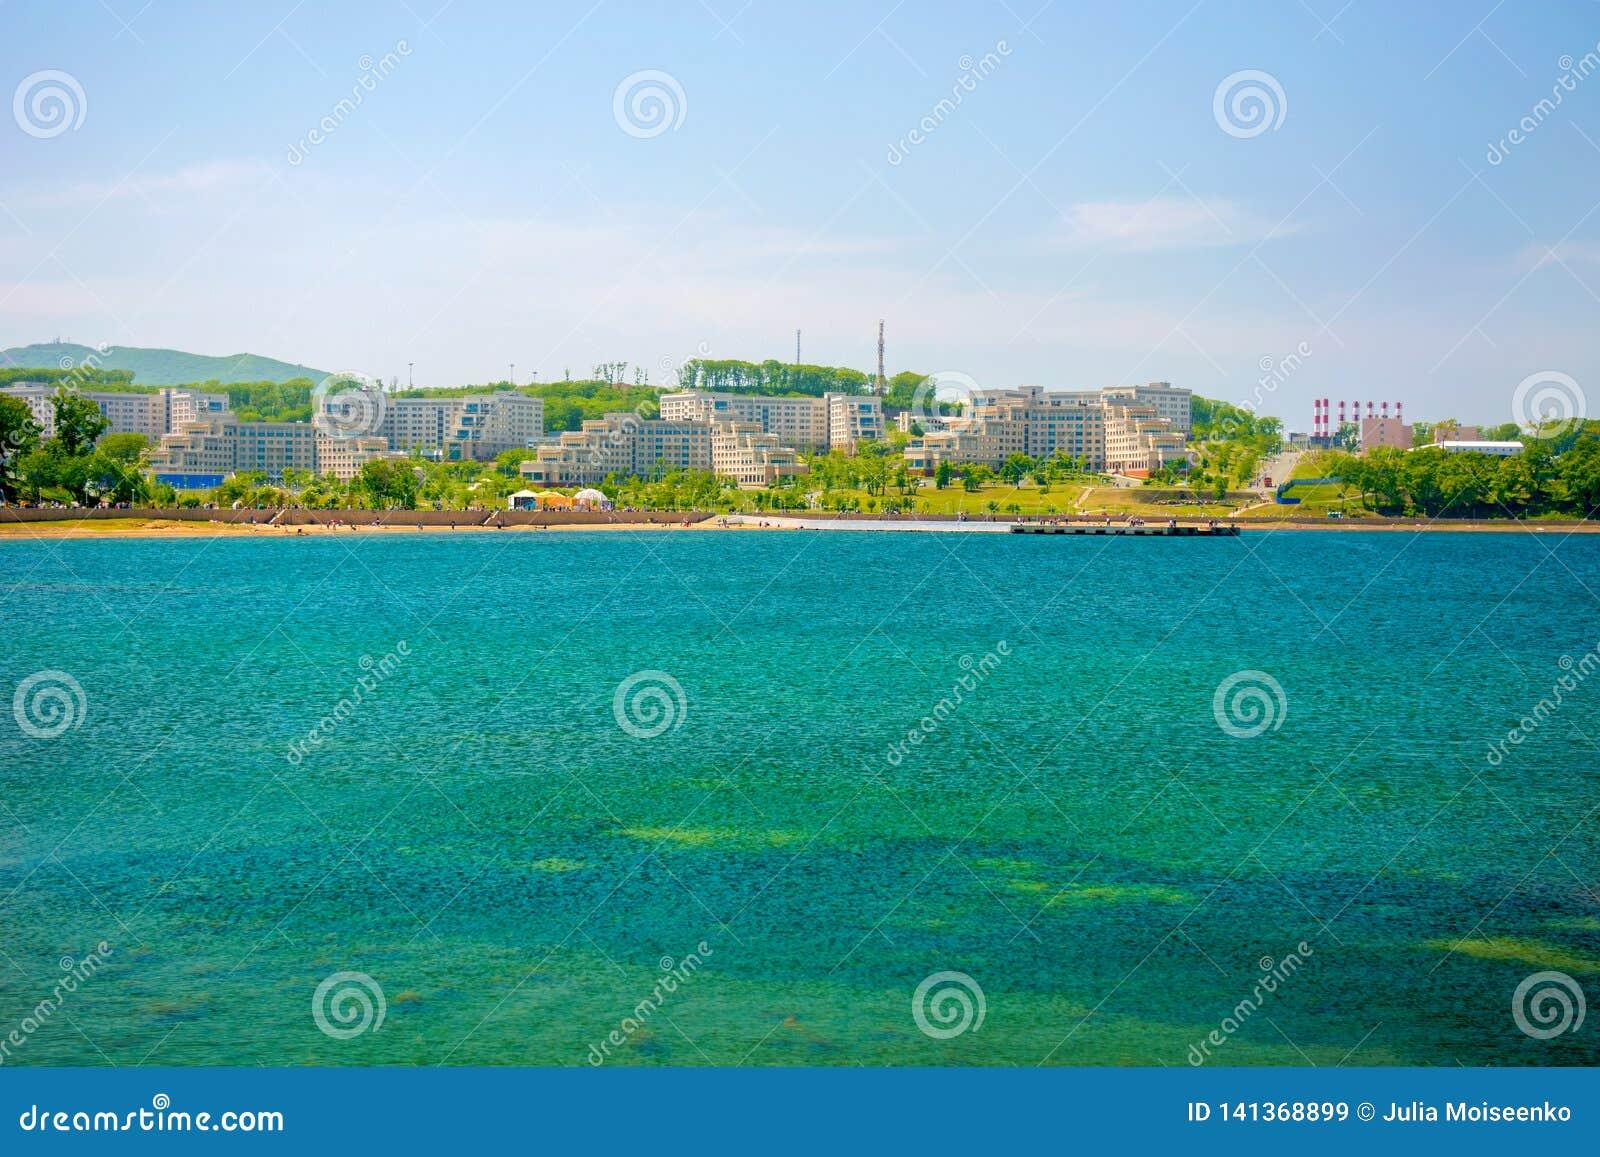 Campus auf der Insel, russische Ferner Osten Bundesuniversität-cc$fefu,